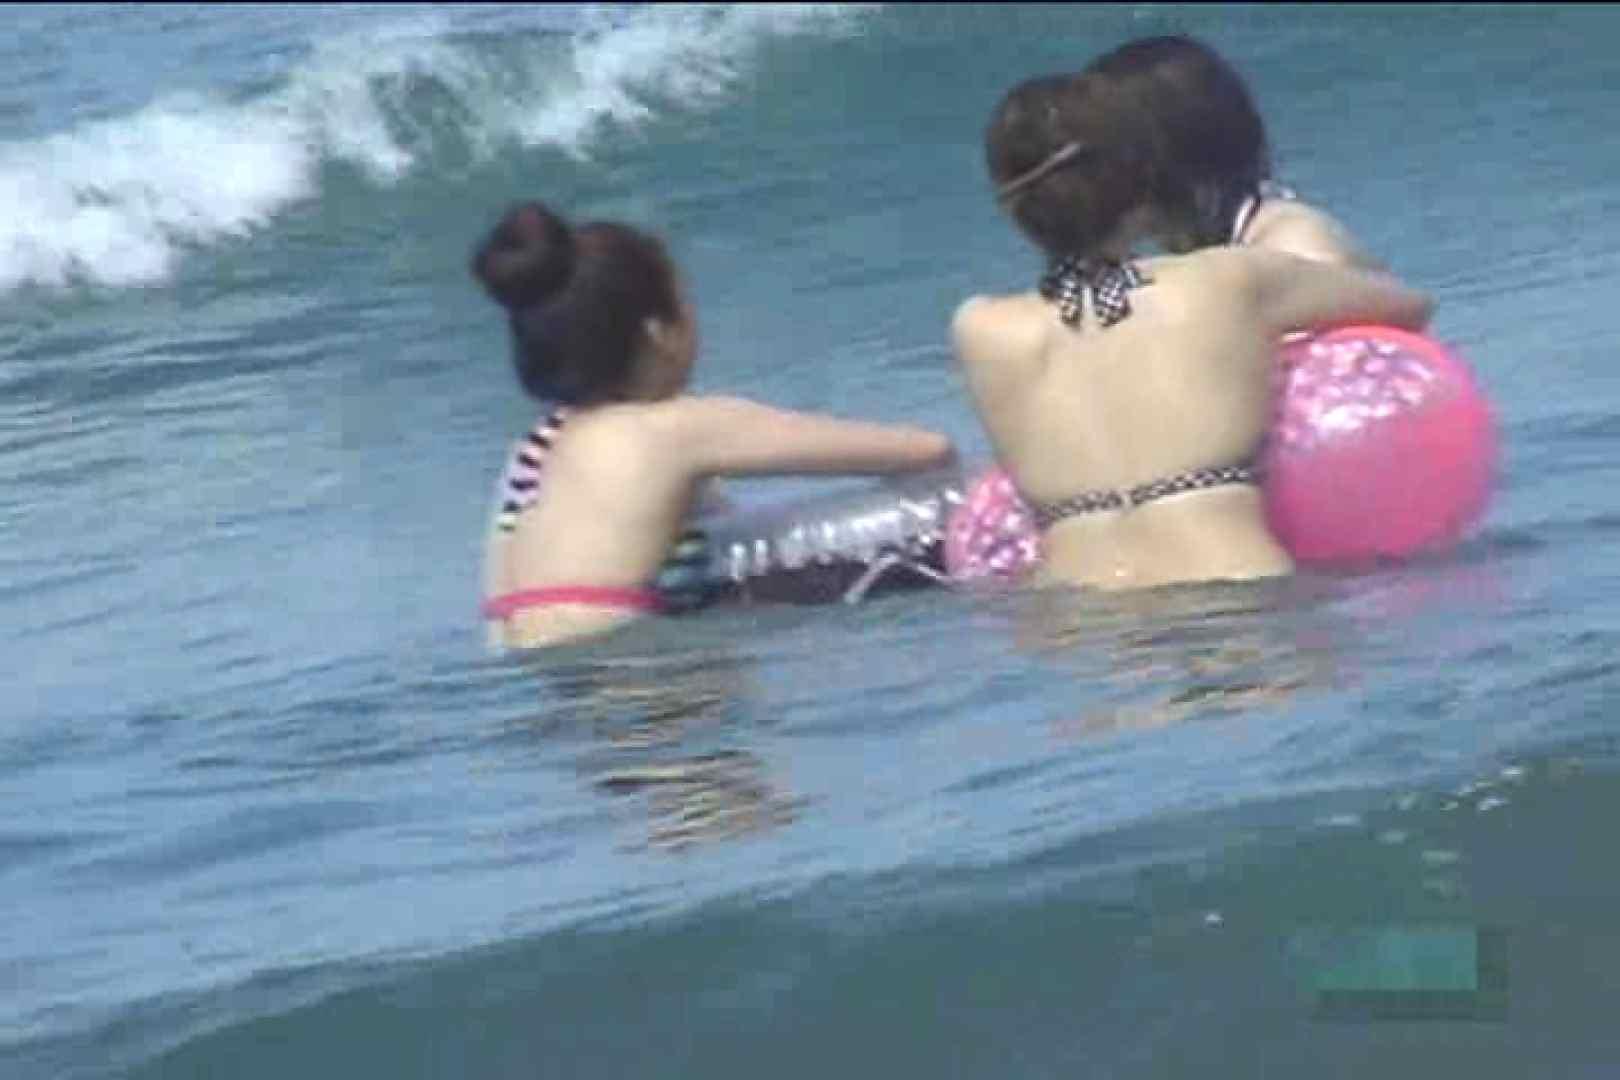 真夏のビーチは危険地帯Vol.3 小悪魔ギャル エロ画像 79連発 30